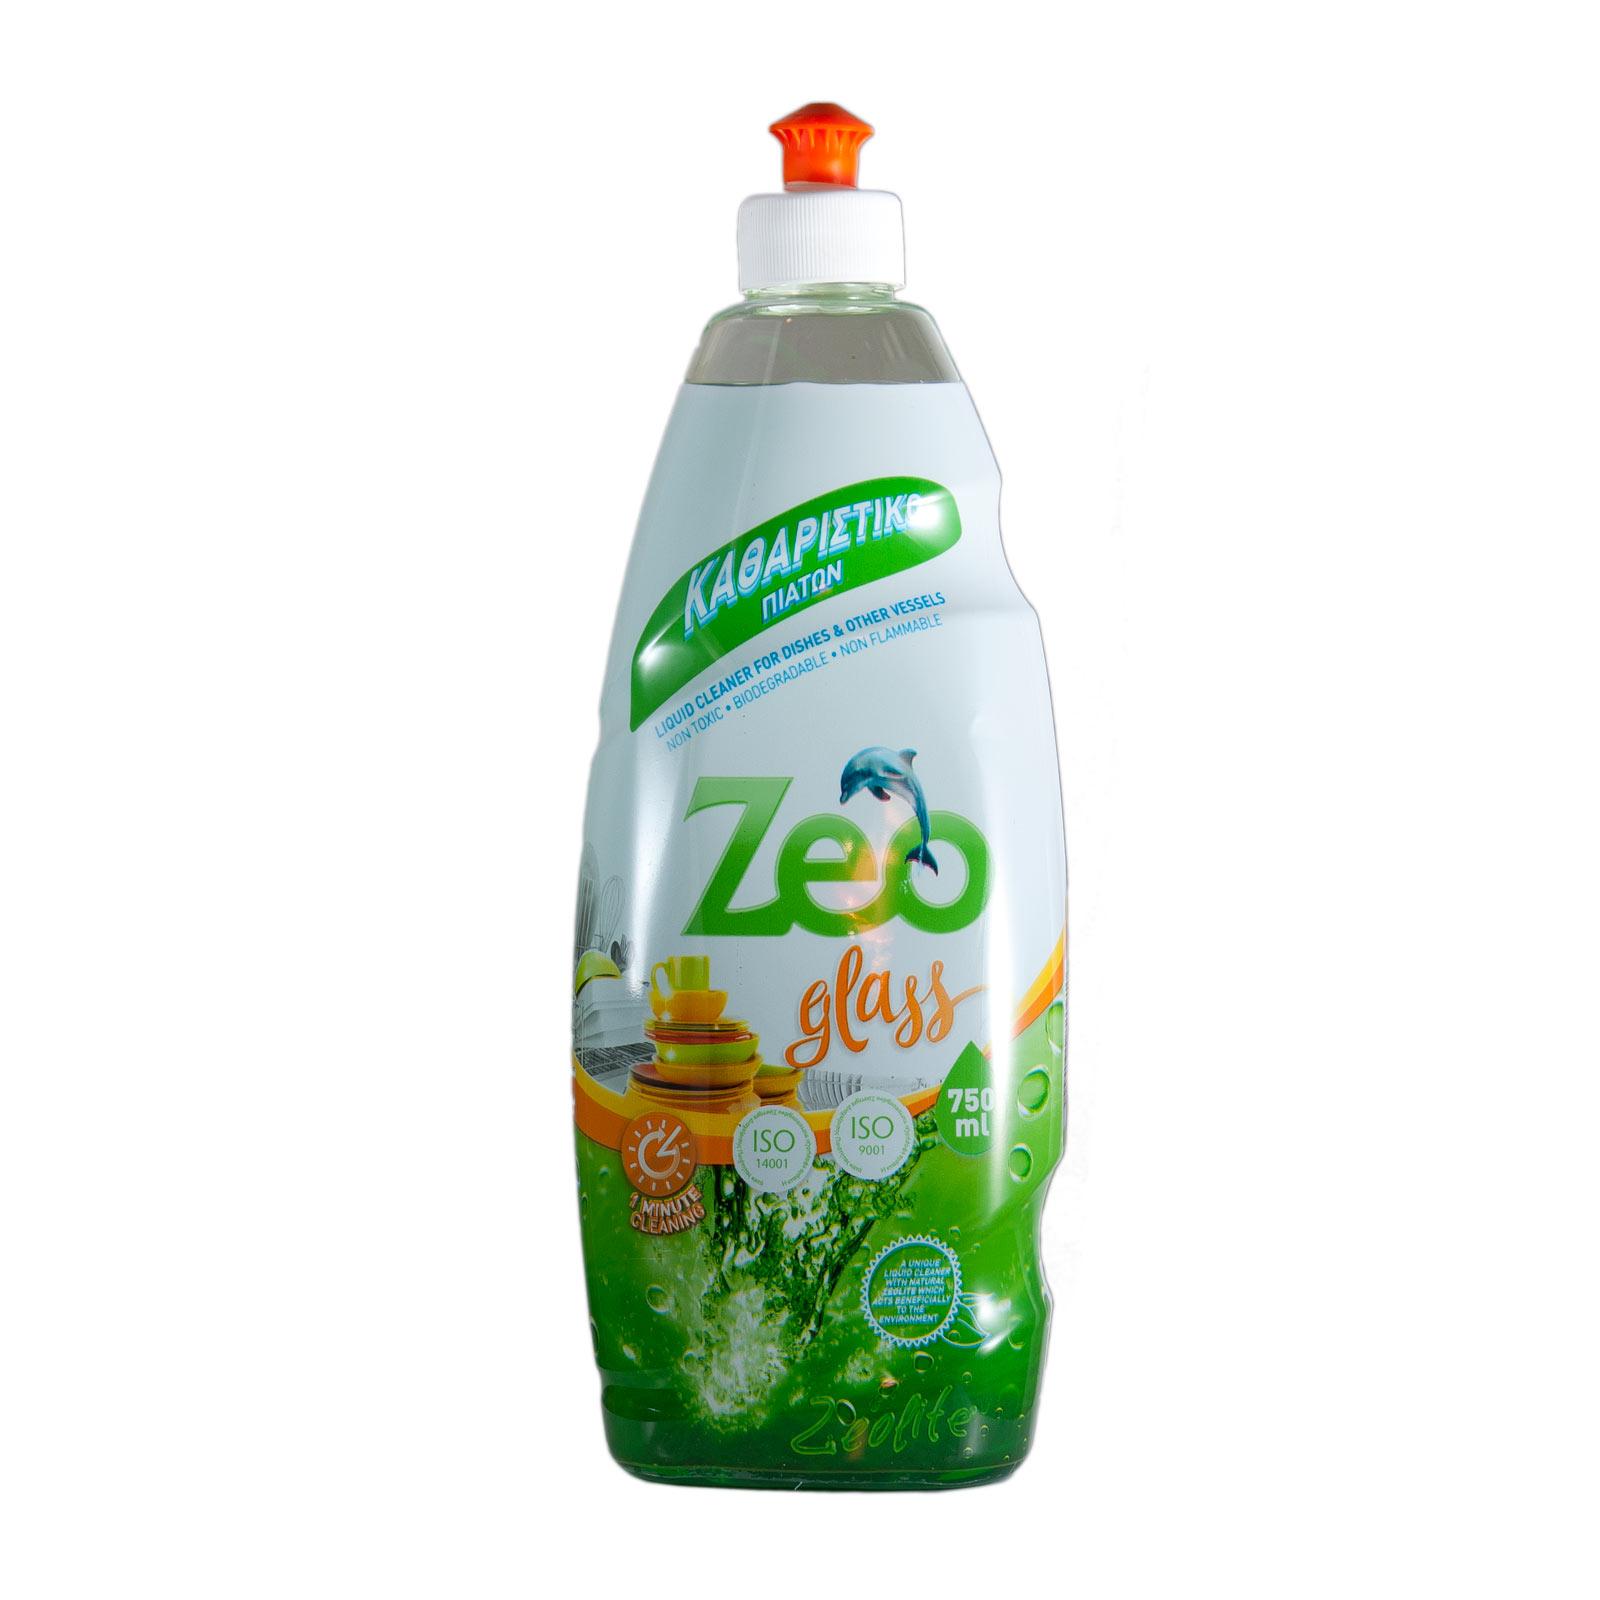 ZeoGlass – Υγρό απορρυπαντικό για πιάτα και λοιπά σκεύη – 750ml